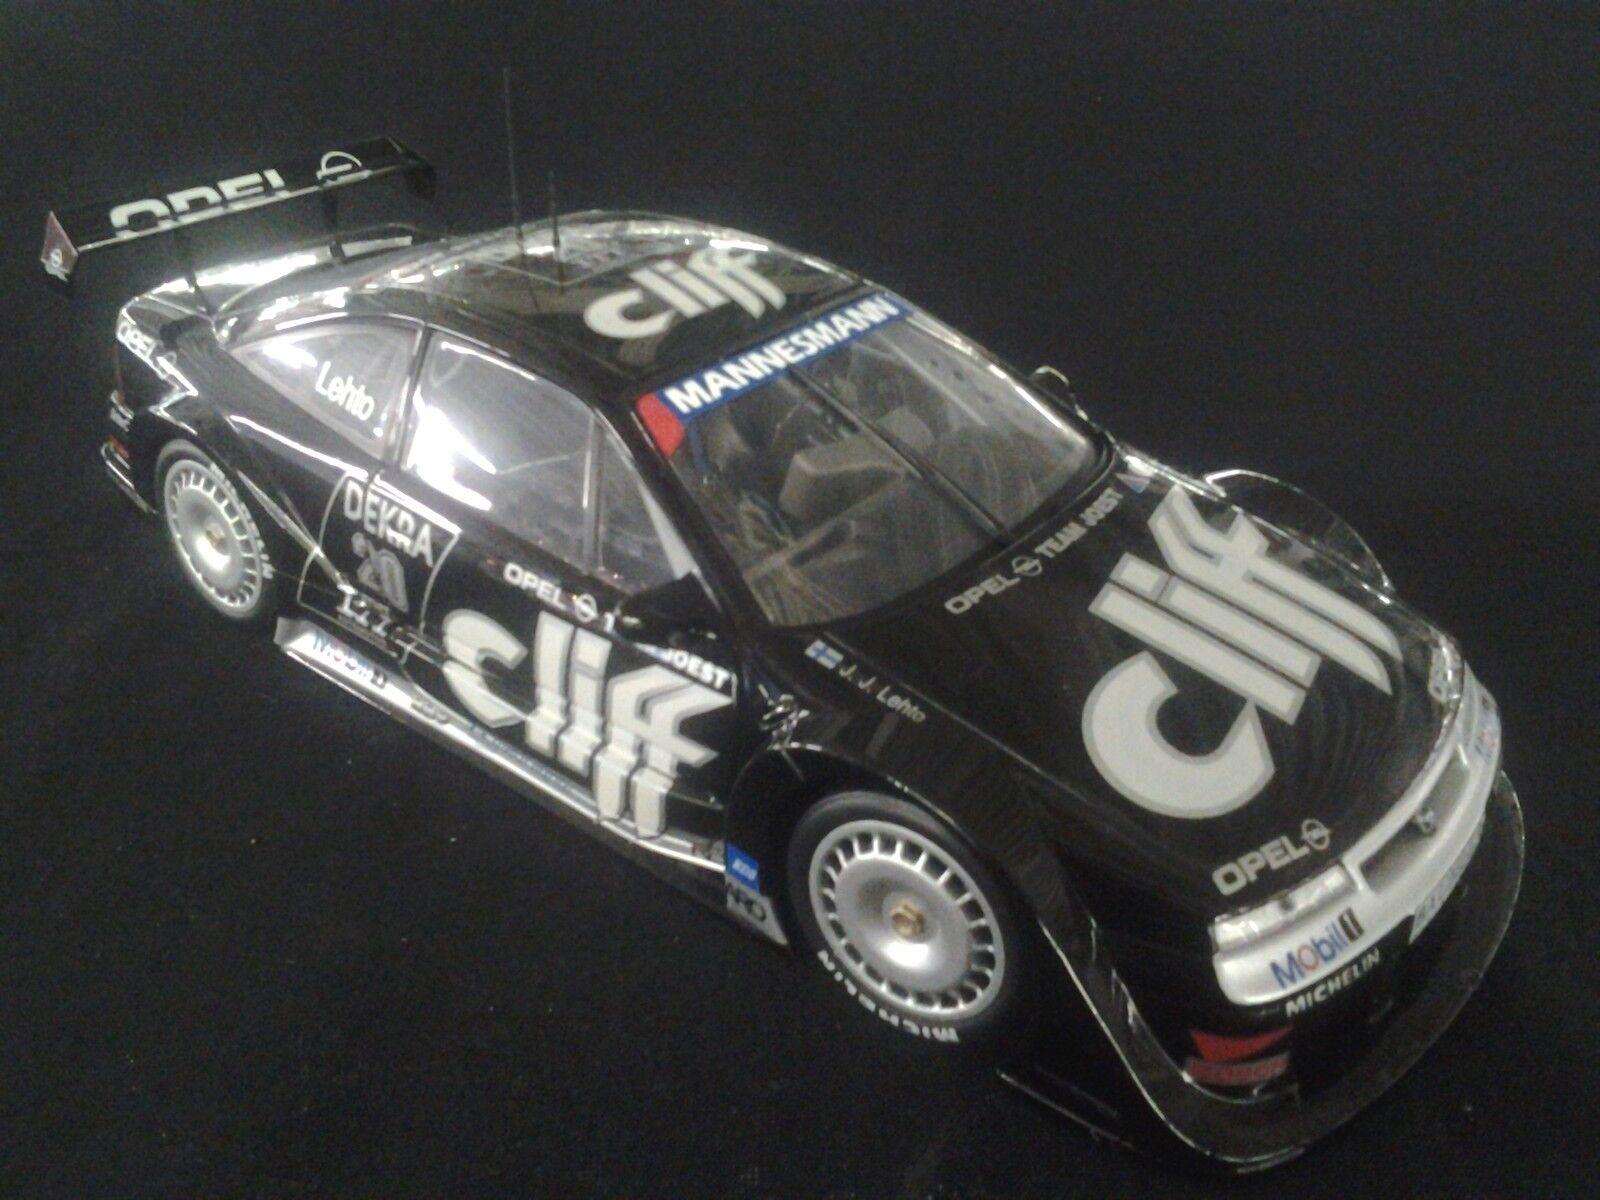 en promociones de estadios UT UT UT Models Opel Calibra V6 4x4 DTM 1995 1 18  20 J.J. Lehto (FIN) (MCC)  servicio honesto